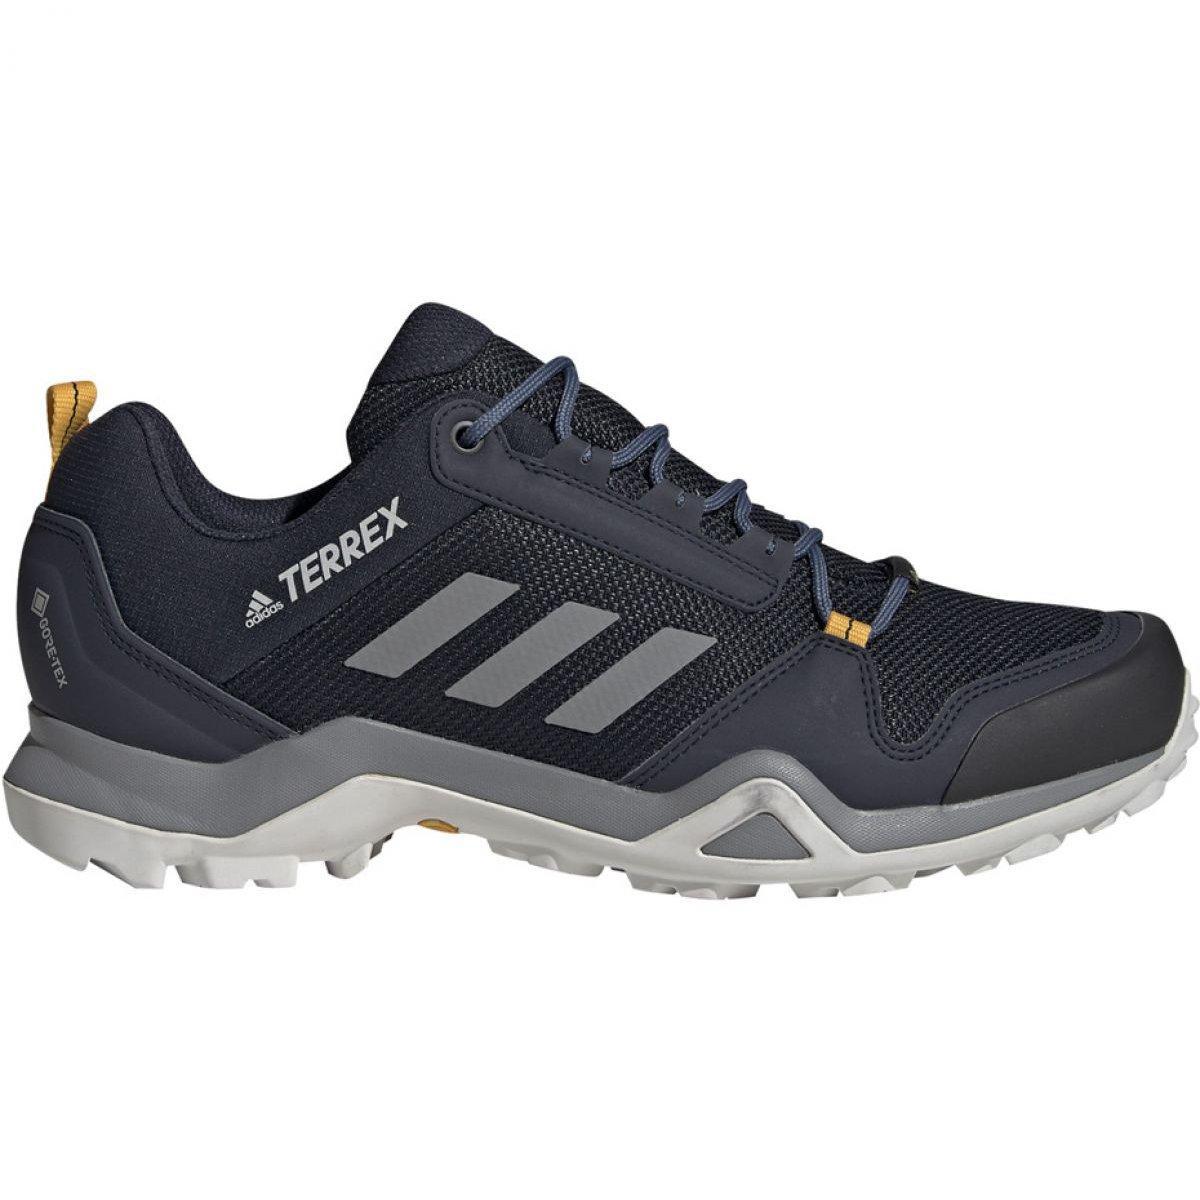 Оригинальные Кроссовки Мужские Adidas Terrex AX3 Gtx G26577